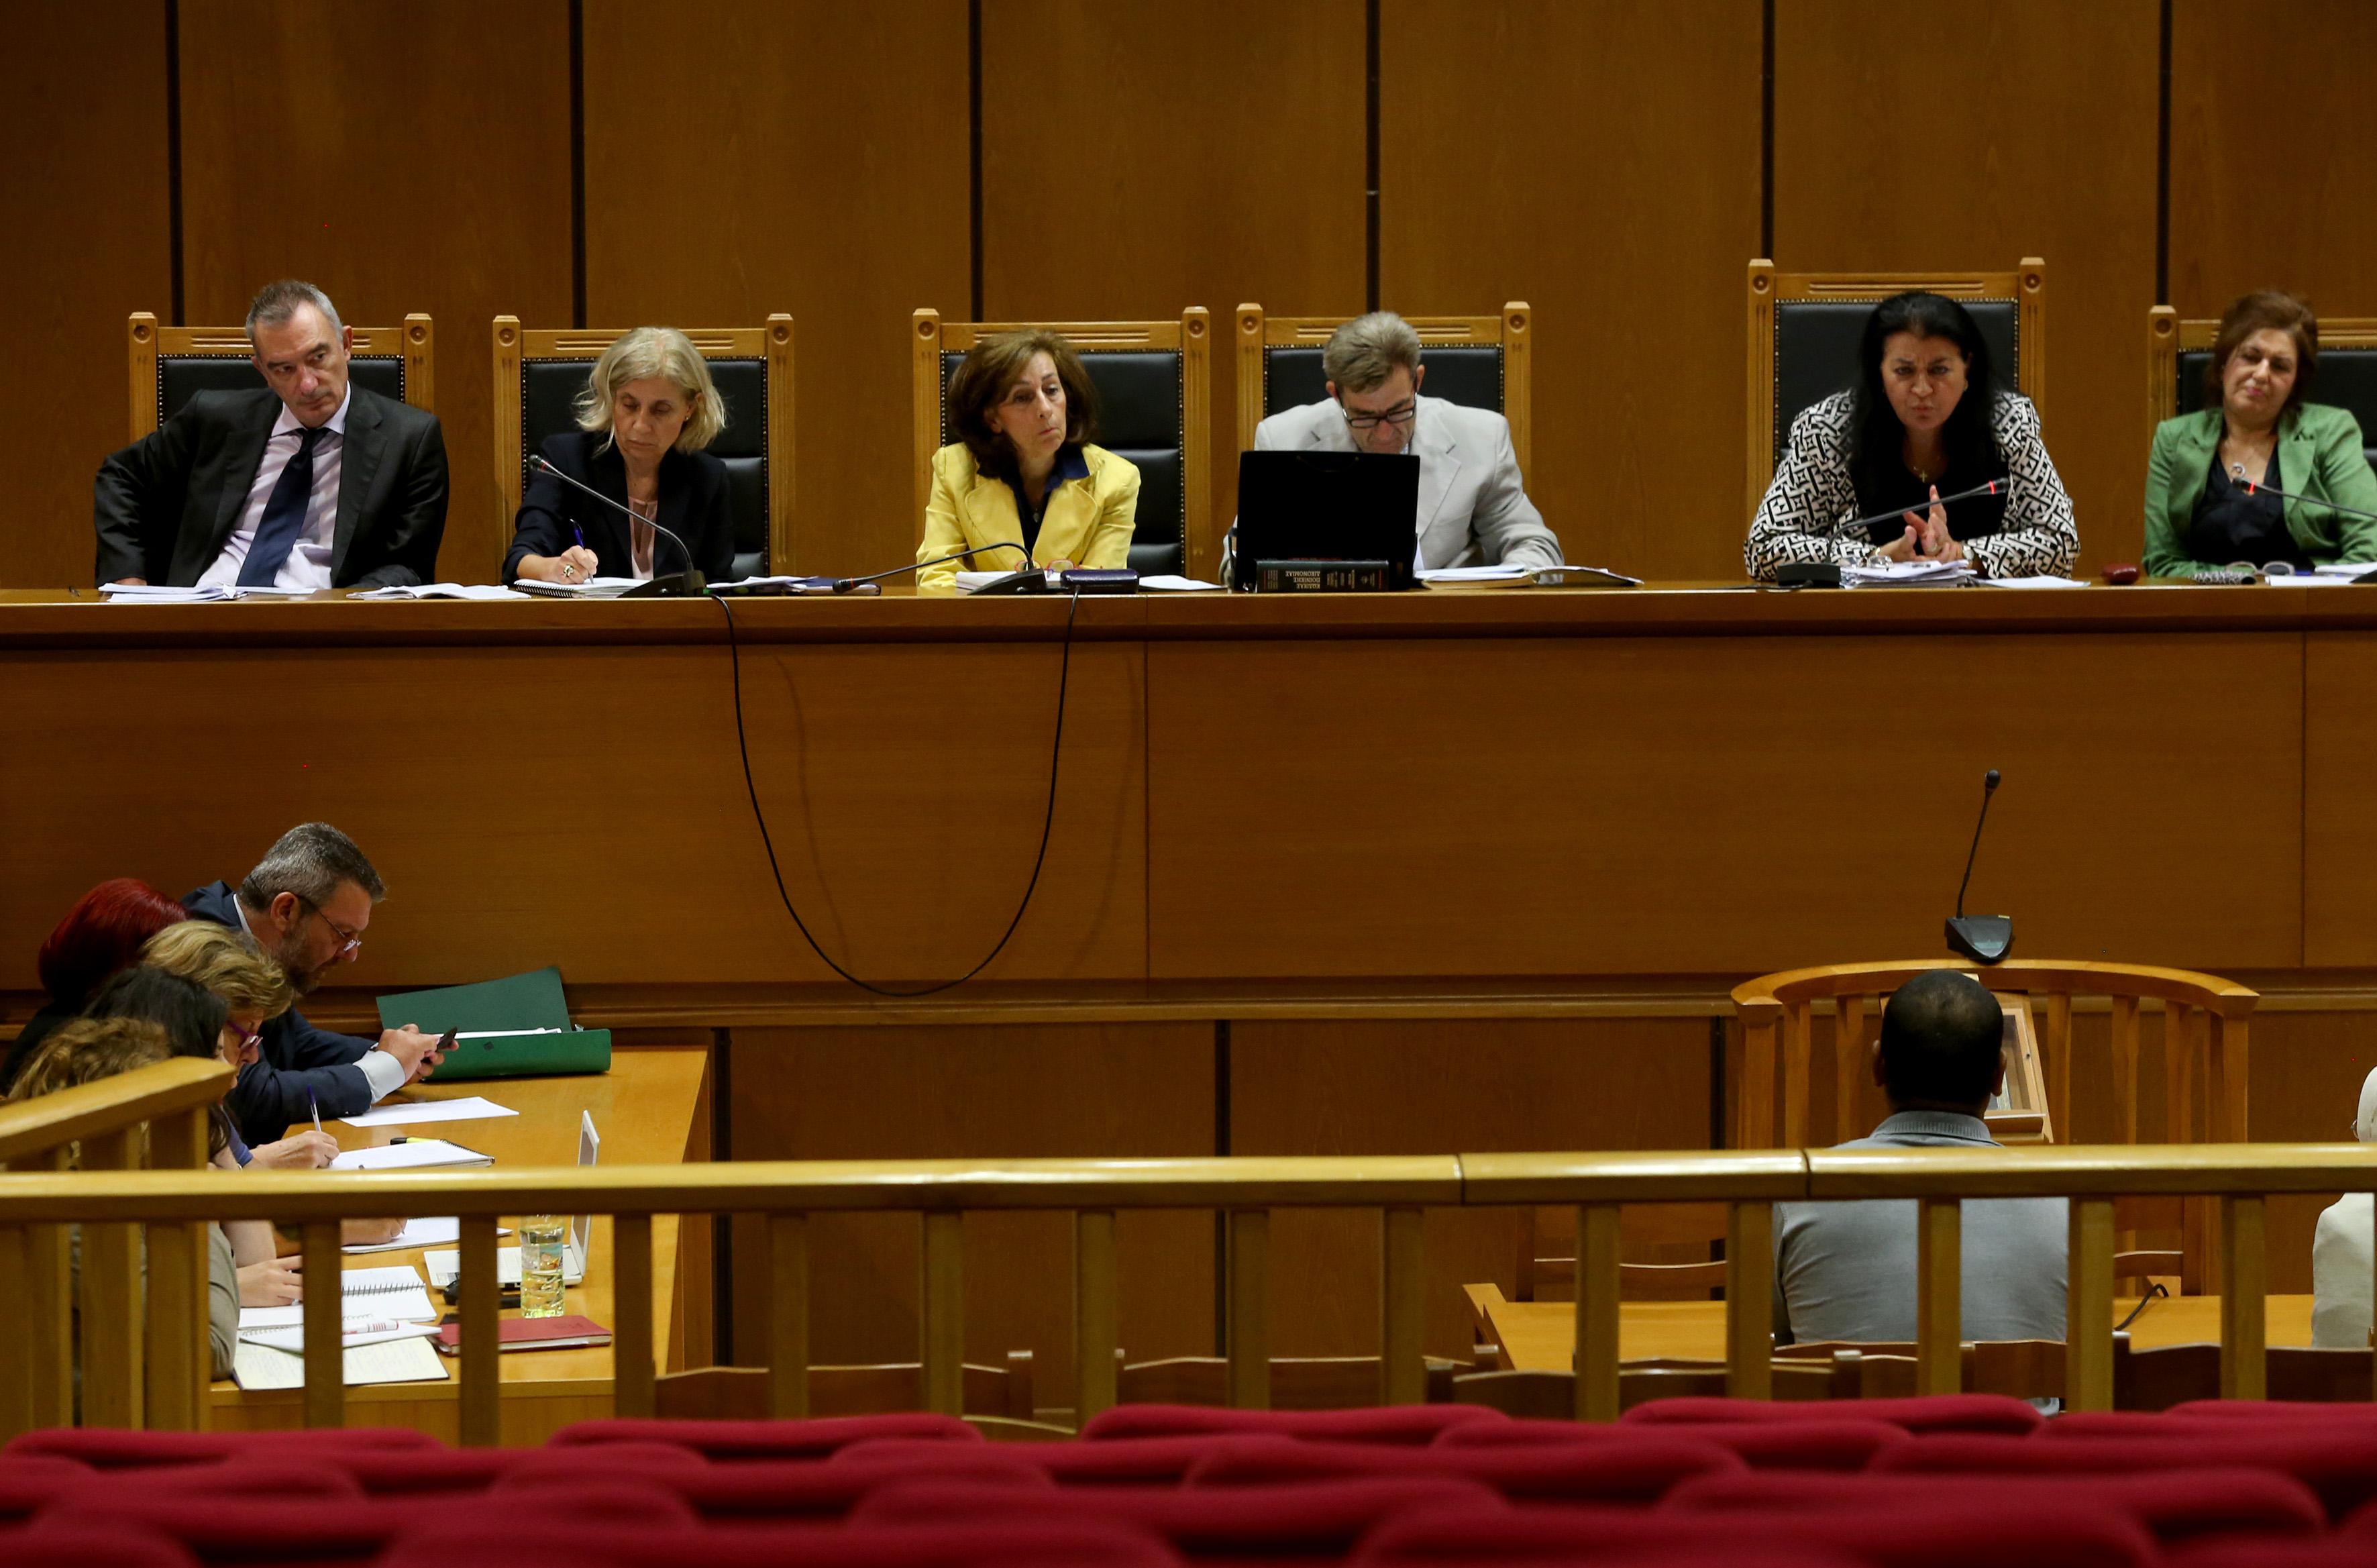 Κατάθεση αστυνομικού στη δίκη ΧΑ: Φορούσαν μπλούζες Χρυσής Αυγής | tovima.gr